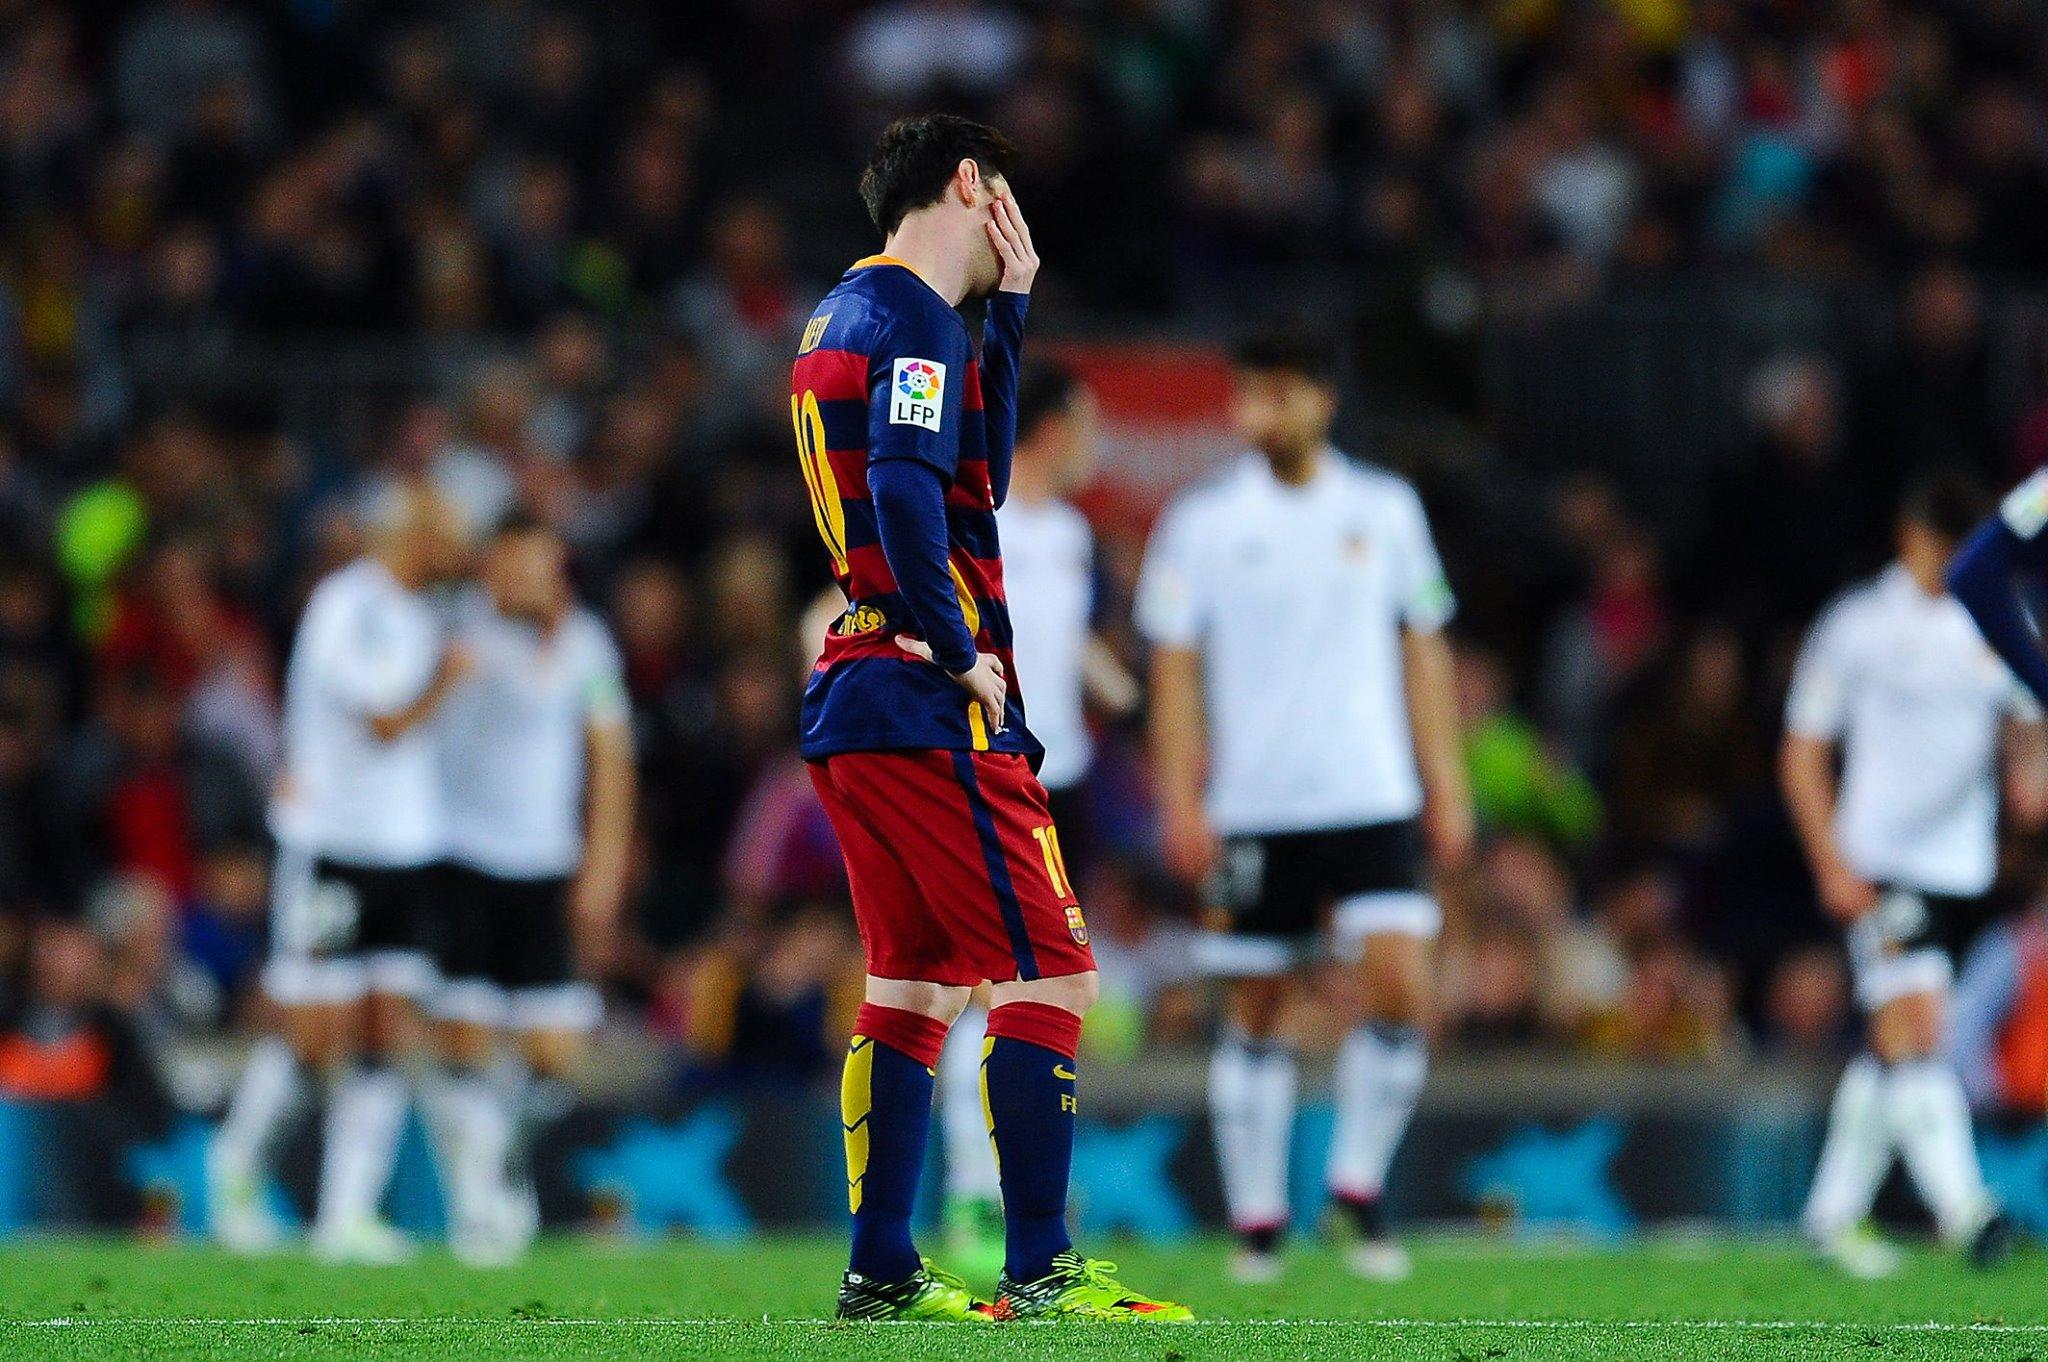 برشلونة المصدوم يتساوى مع اتليتيكو بعد هزيمة جديدة